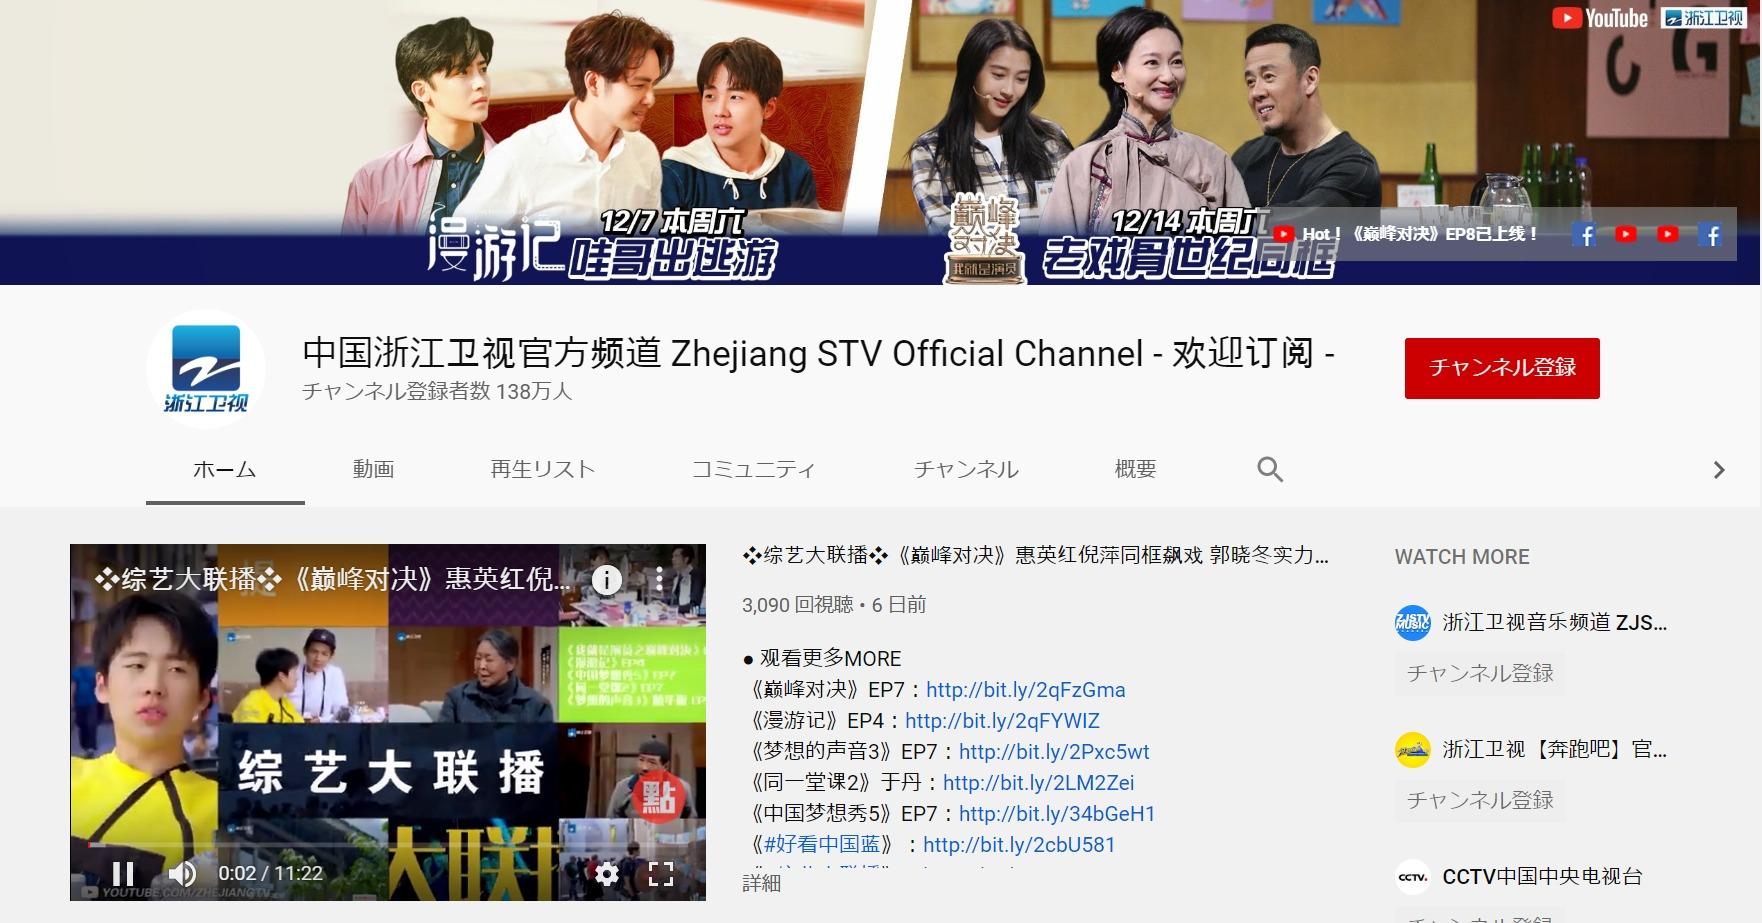 中国浙江卫视のYouTubeチャンネル